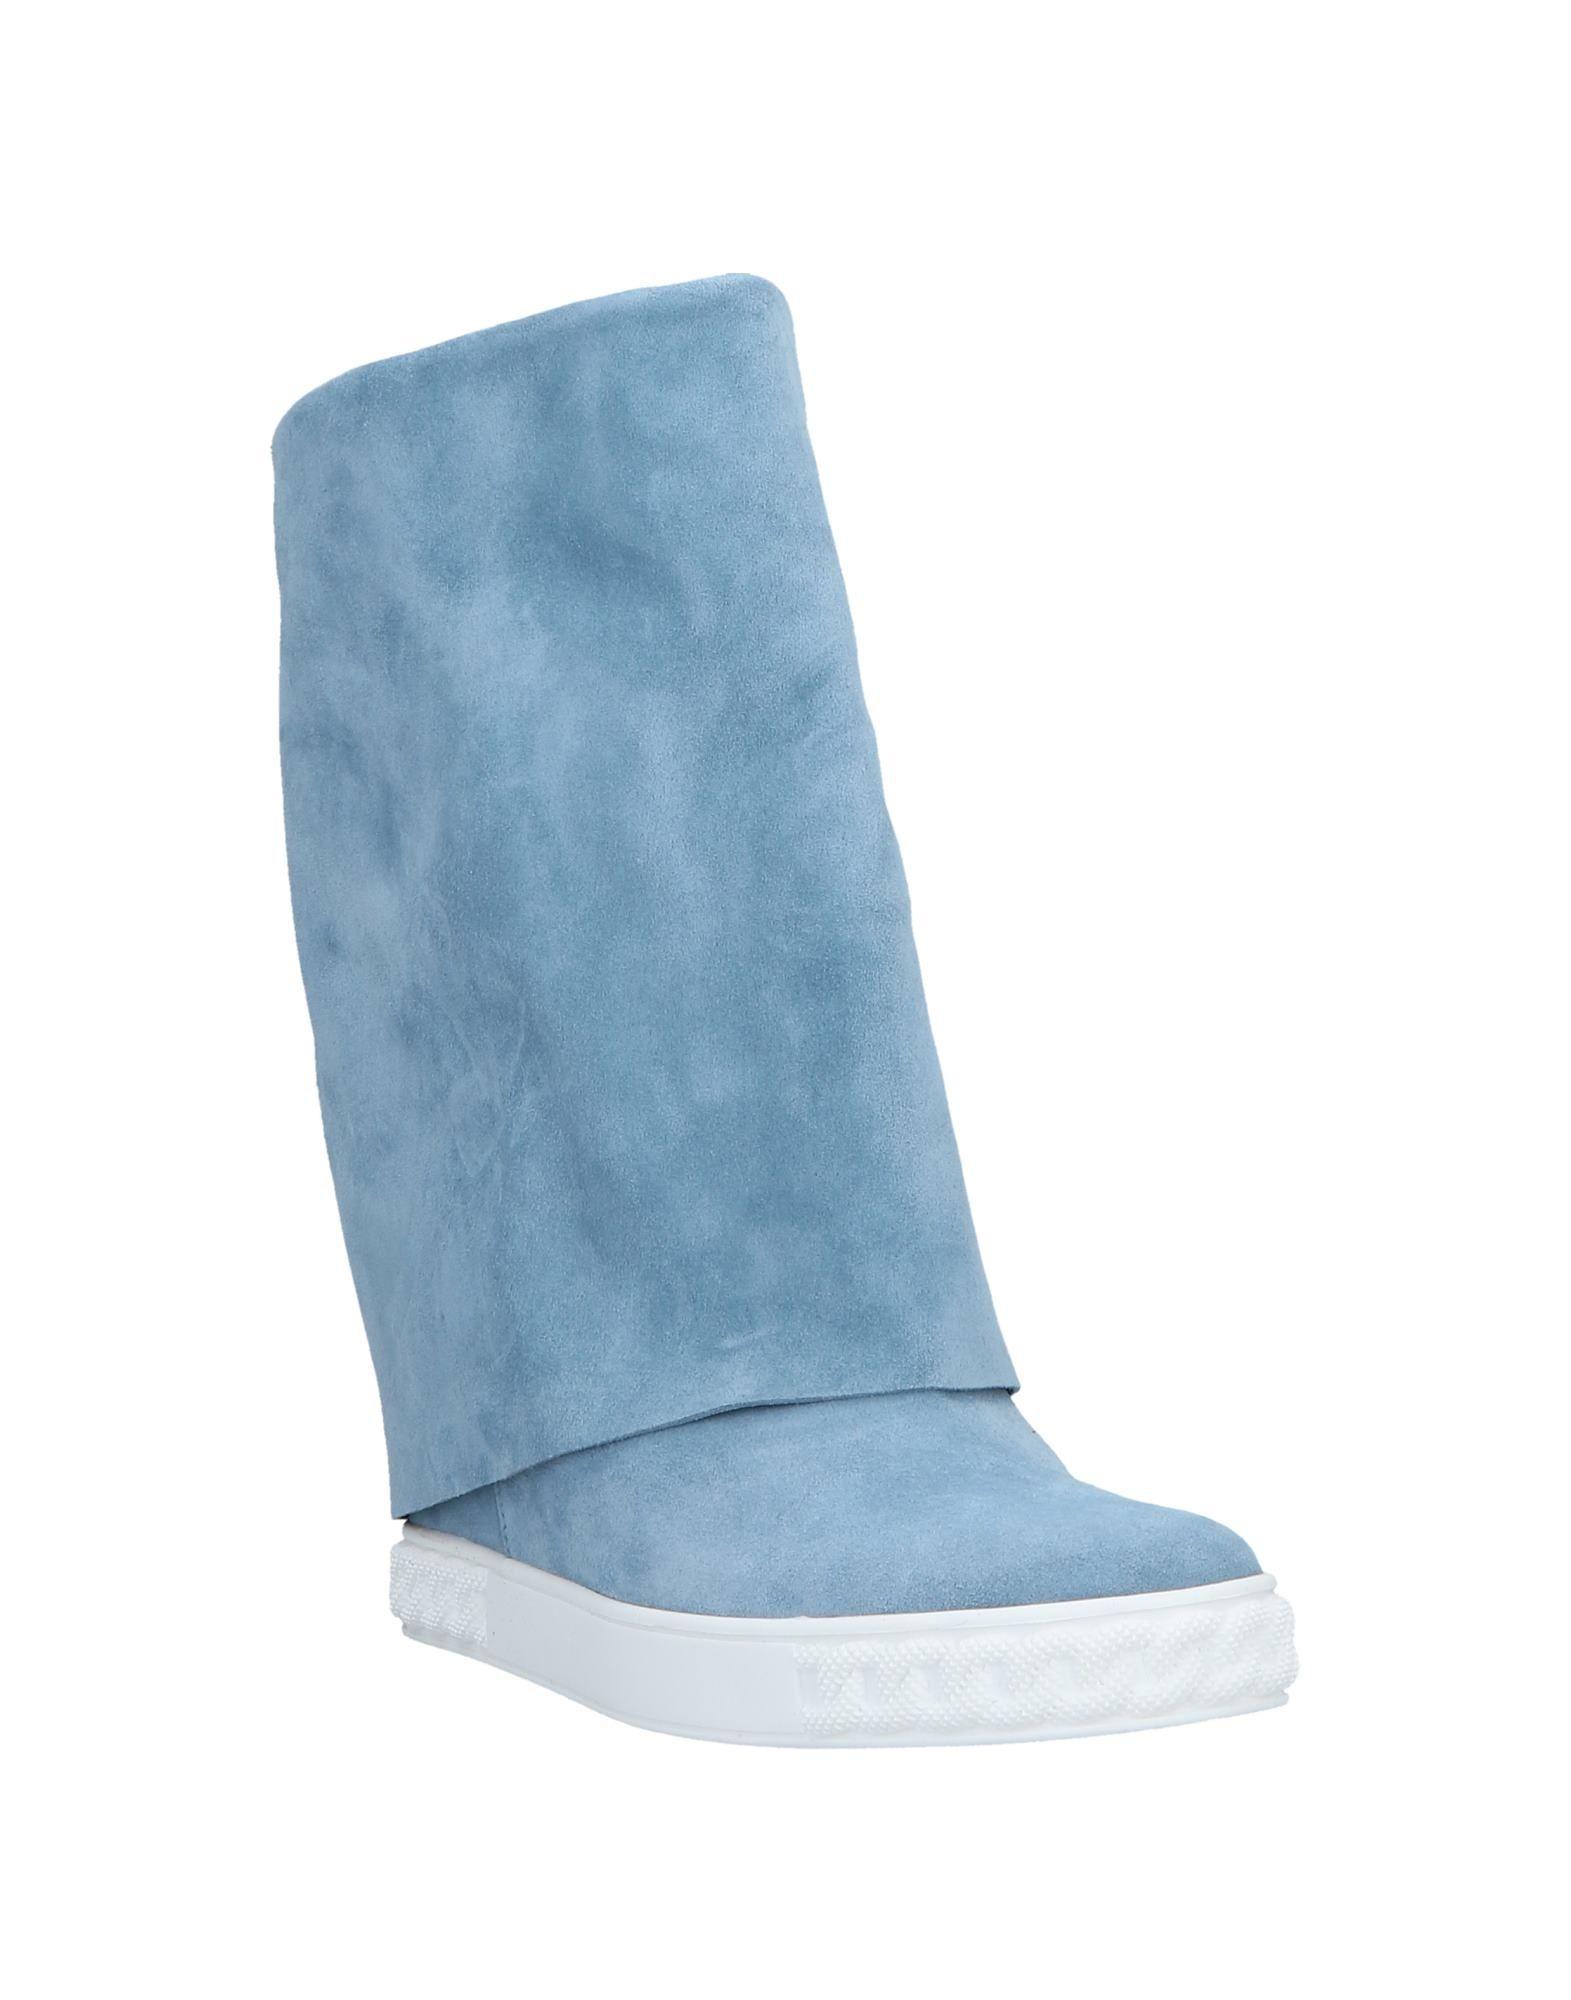 Casadei Stiefelette Damen  11520041NNGünstige Schuhe gut aussehende Schuhe 11520041NNGünstige 2142ca